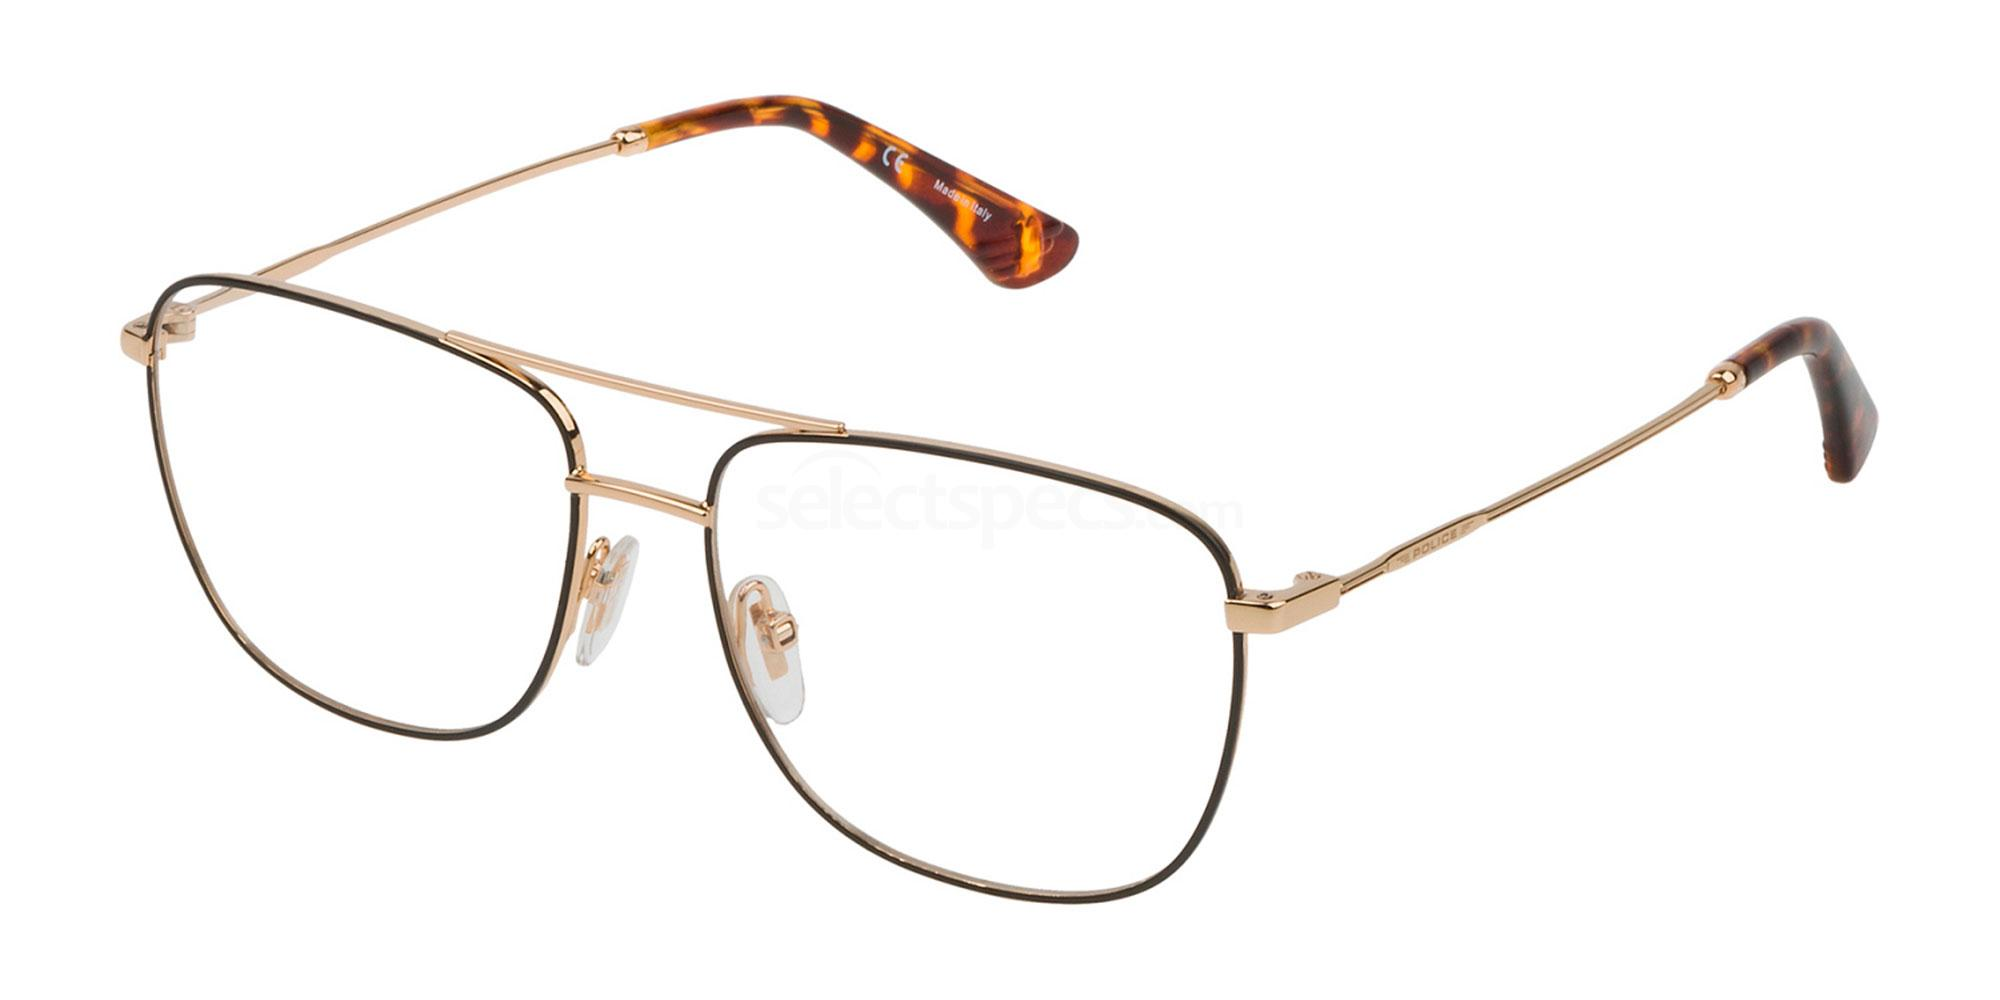 0302 VPL766 Glasses, Police